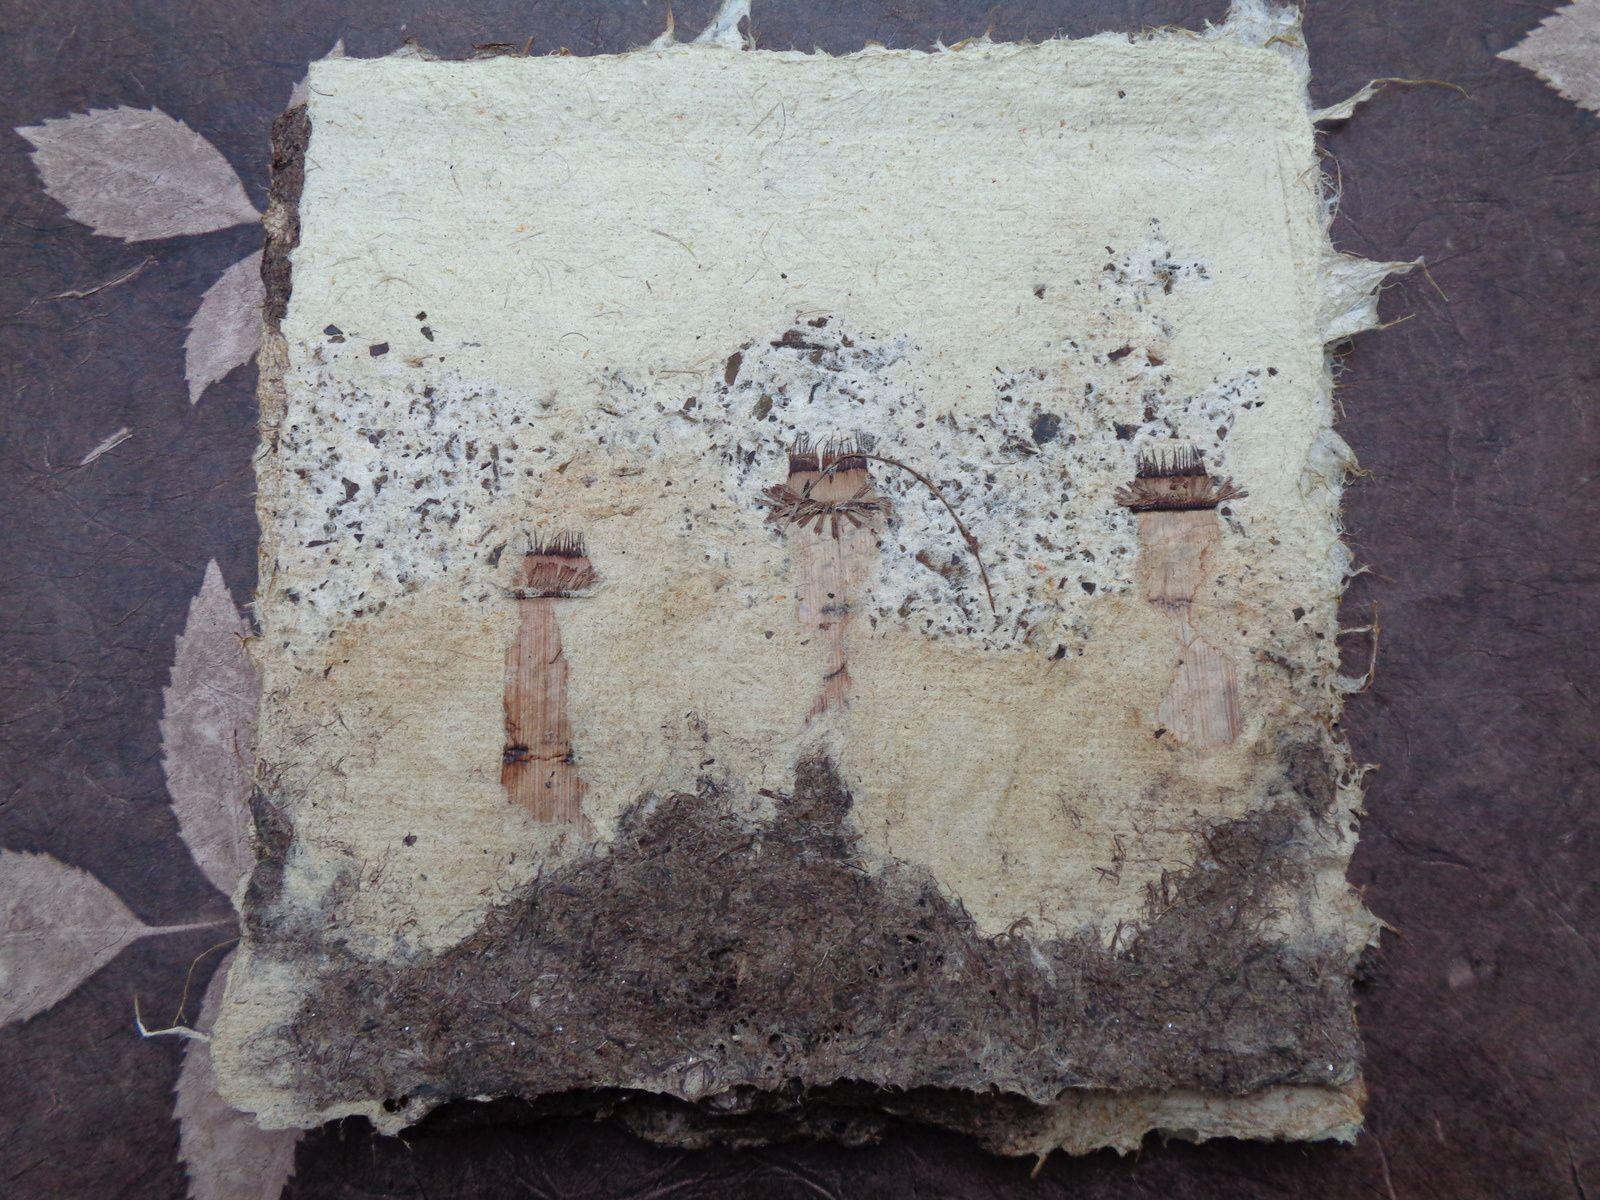 Plumets de pampa, de roseau, de jonc, de racines de carex, de tiges de lavande, de confiture de figue, , de stipa